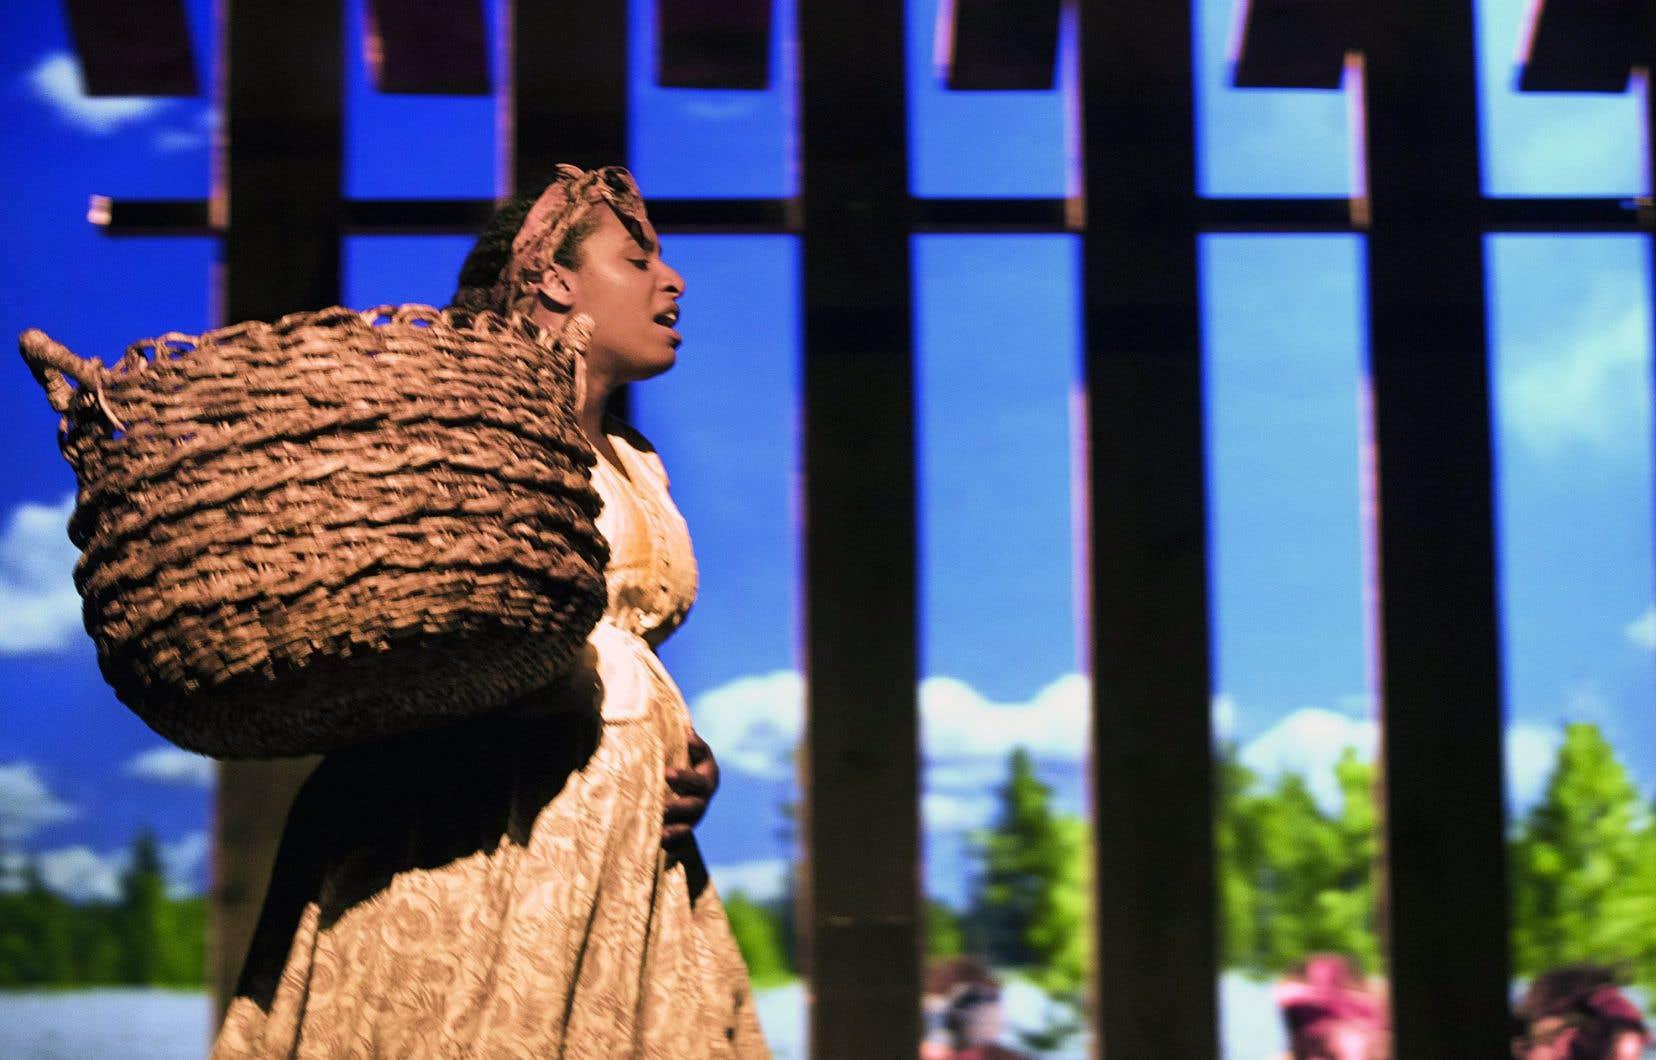 Avec «SLAV», Robert Lepage affirmait vouloir faire entendre la voix des sans-voix.